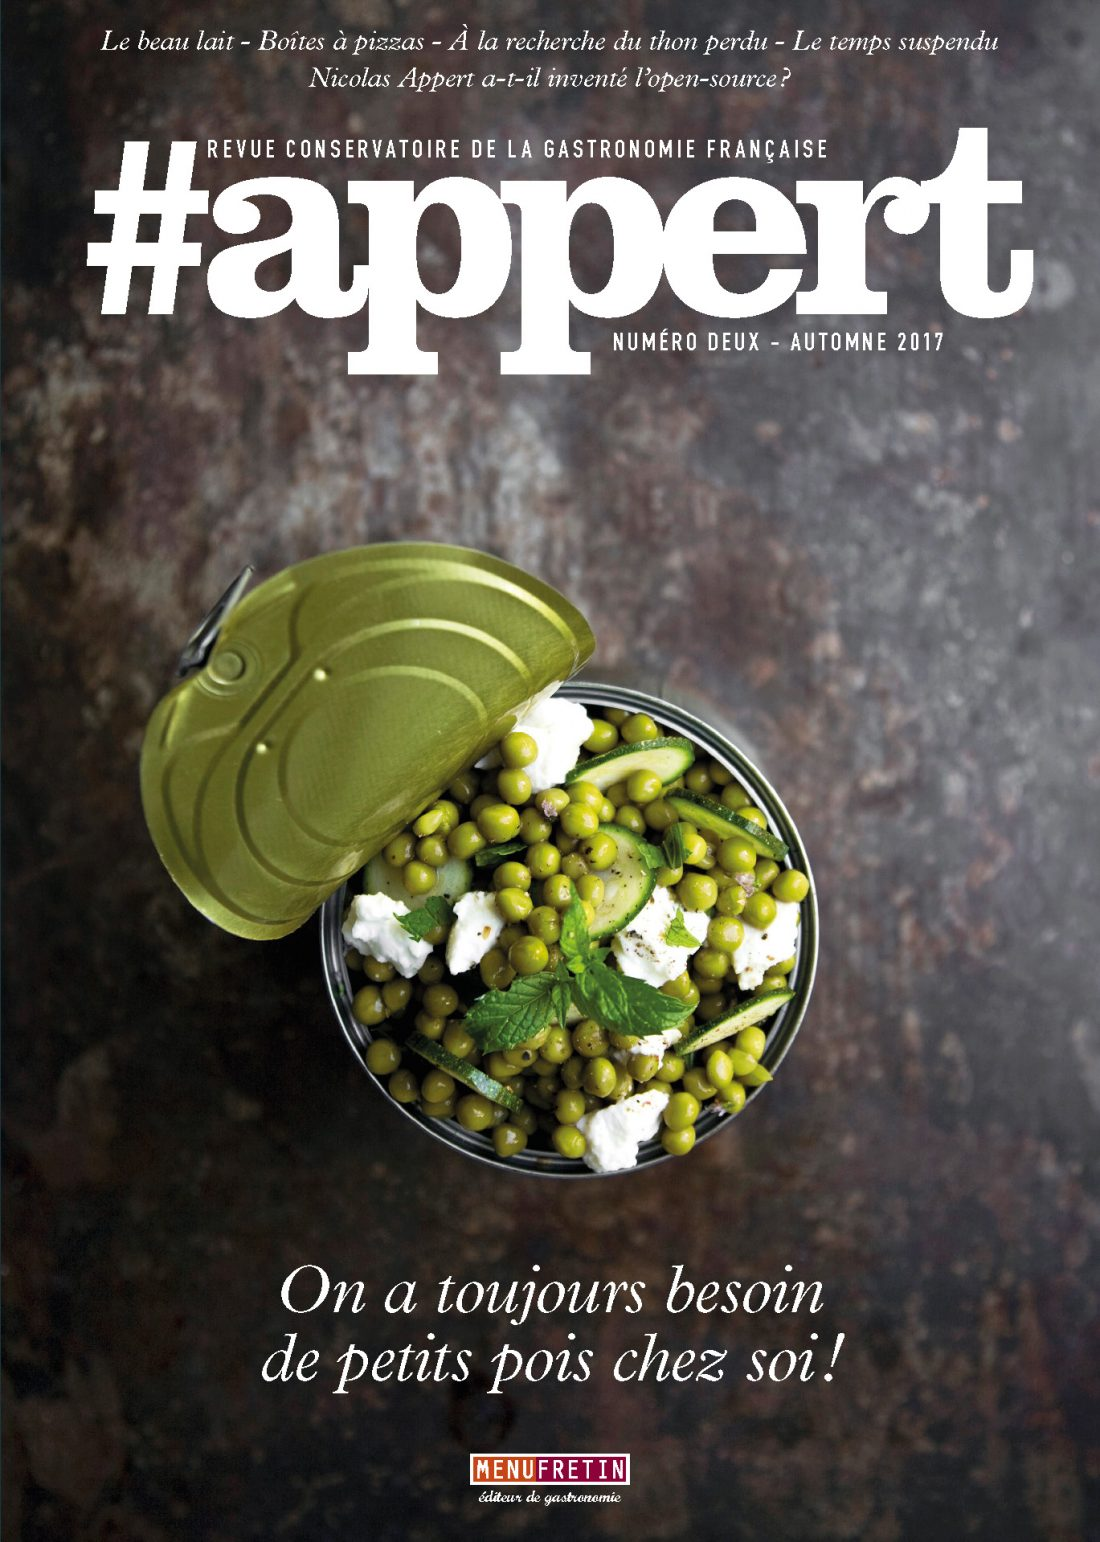 Le deuxième numéro vient de sortir. Entre livre et magazine, #appert se définit comme une revue conservatoire de la gastronomie française...